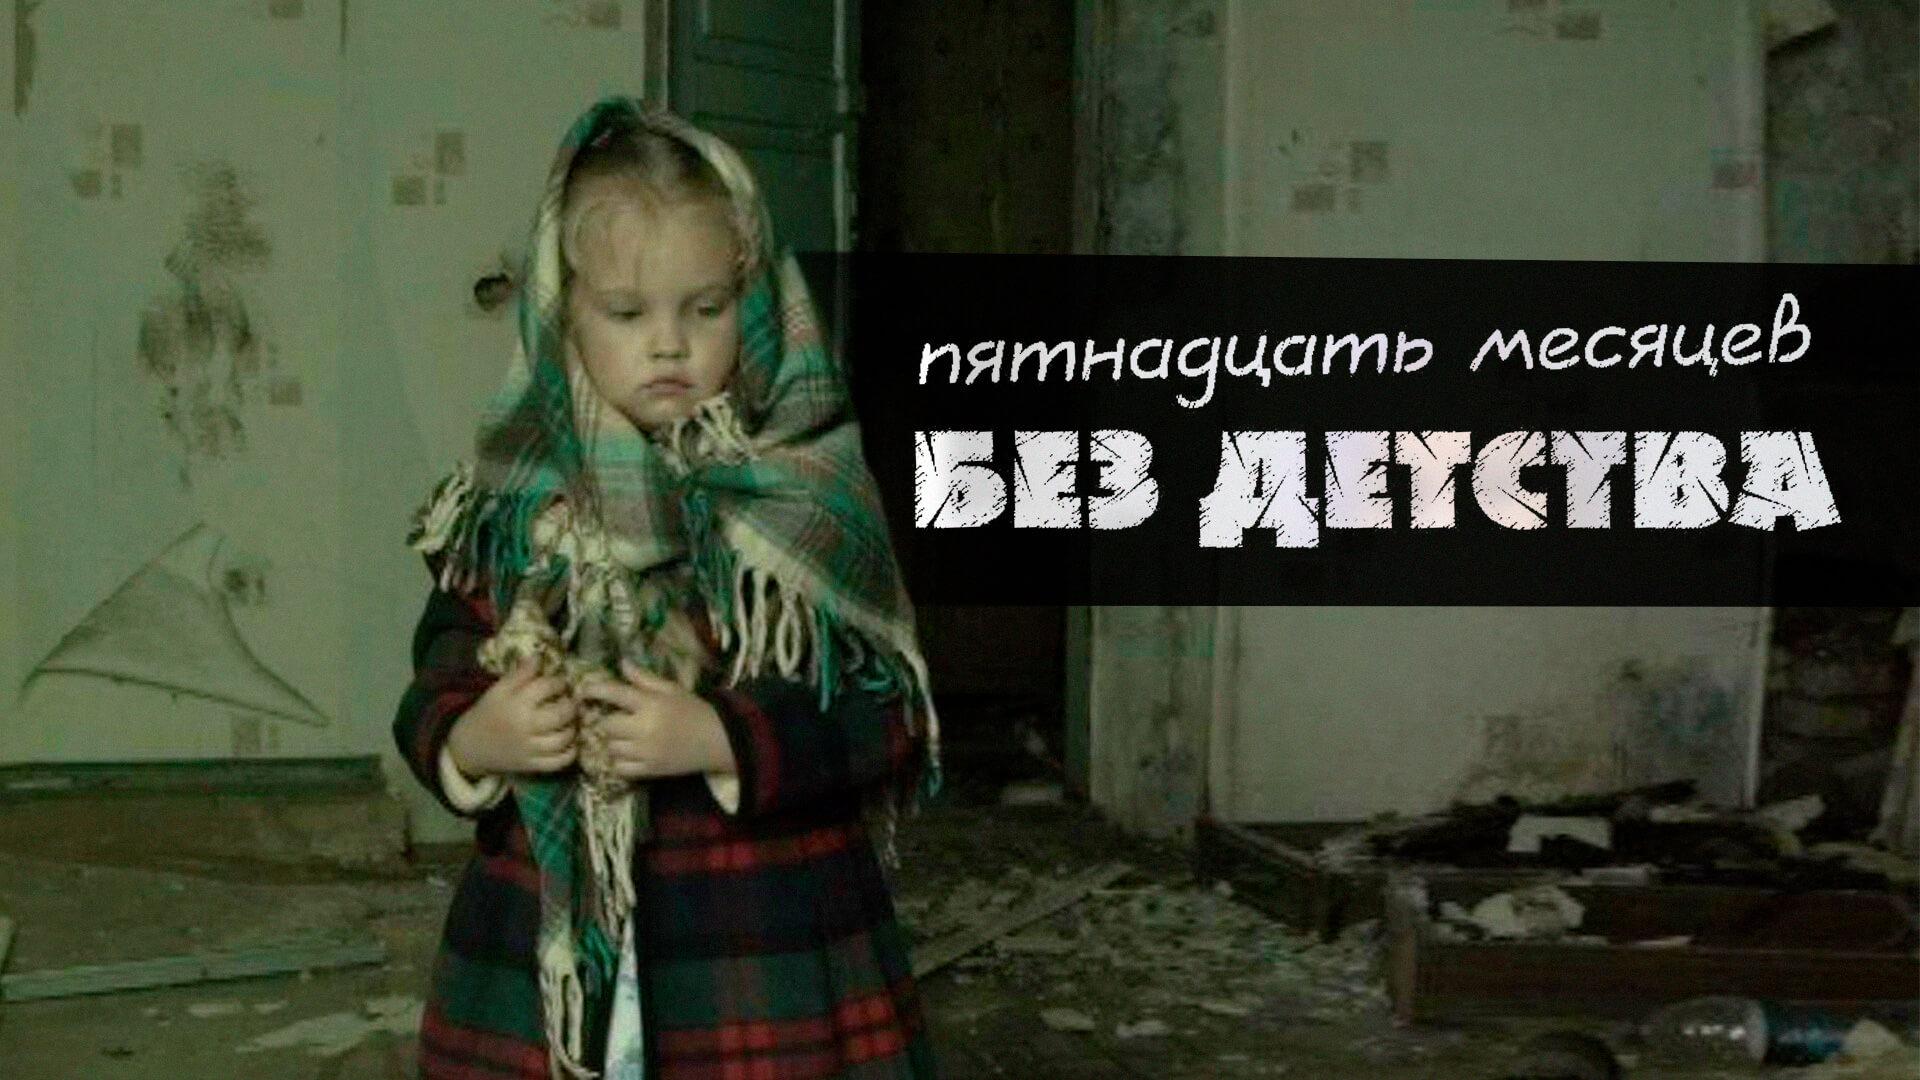 Документальный фильм «Пятнадцать месяцев без детства»